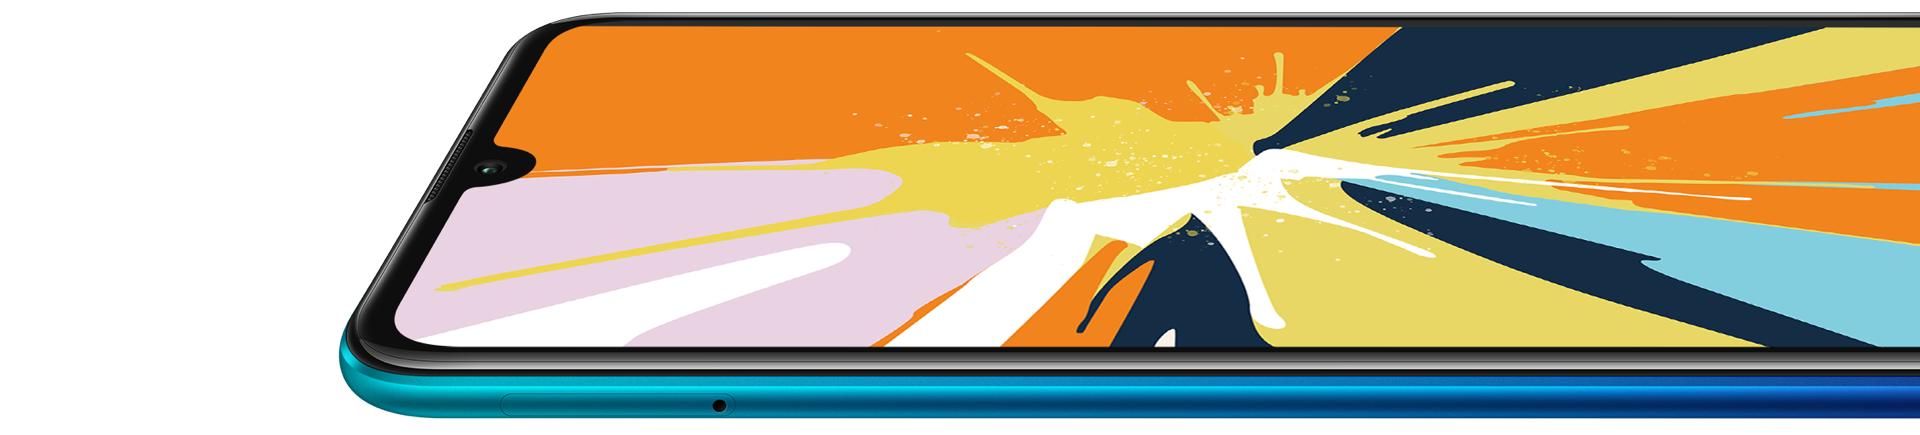 HUAWEI-Y7-Prime-2019-display